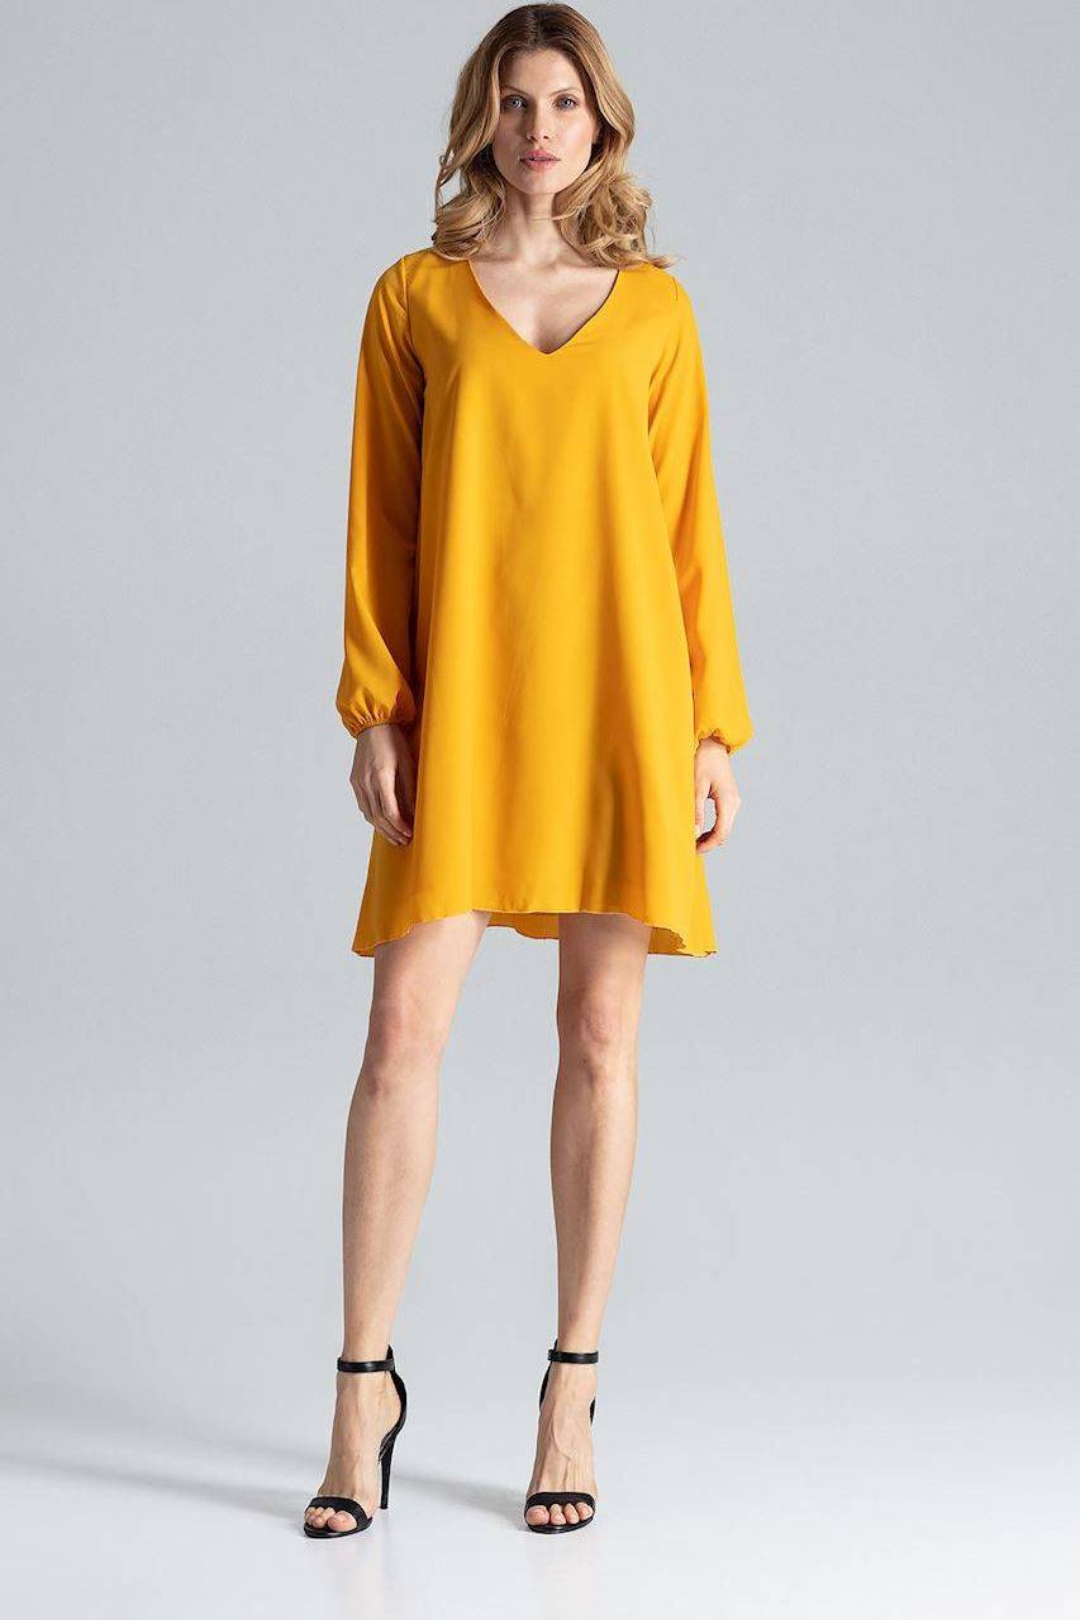 FIGL Žluté oversize šaty M566 velikost: S/M, odstíny barev: žlutá